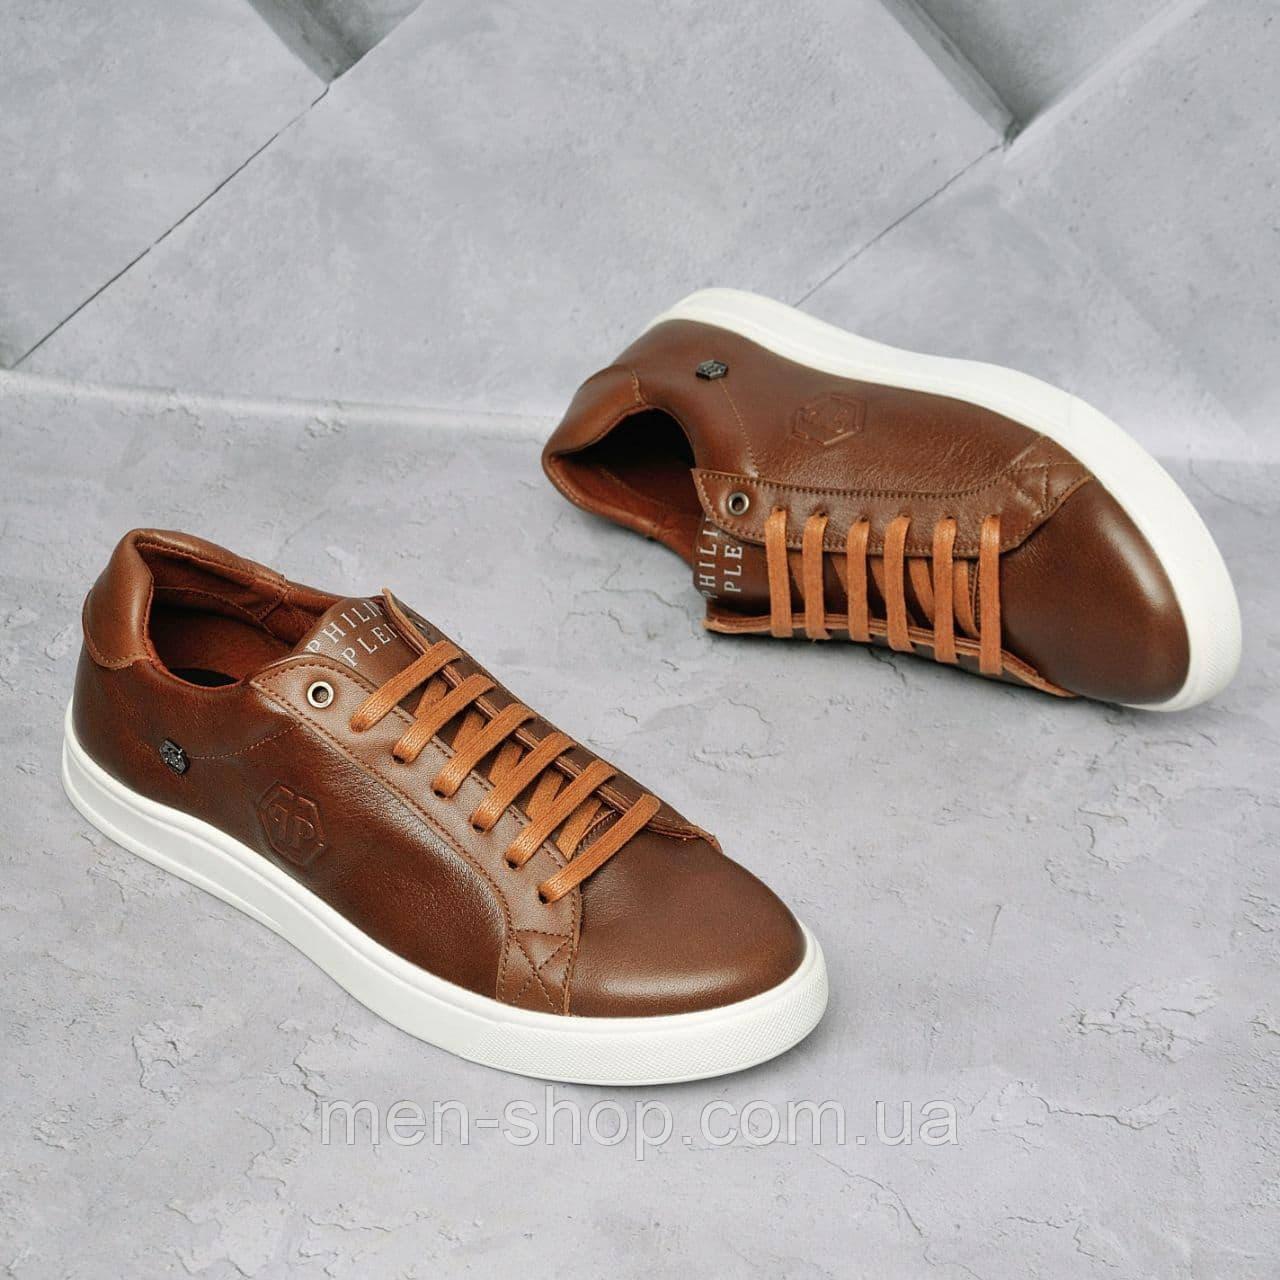 Чоловічі шкіряні кросівки Philipp Plein Руді